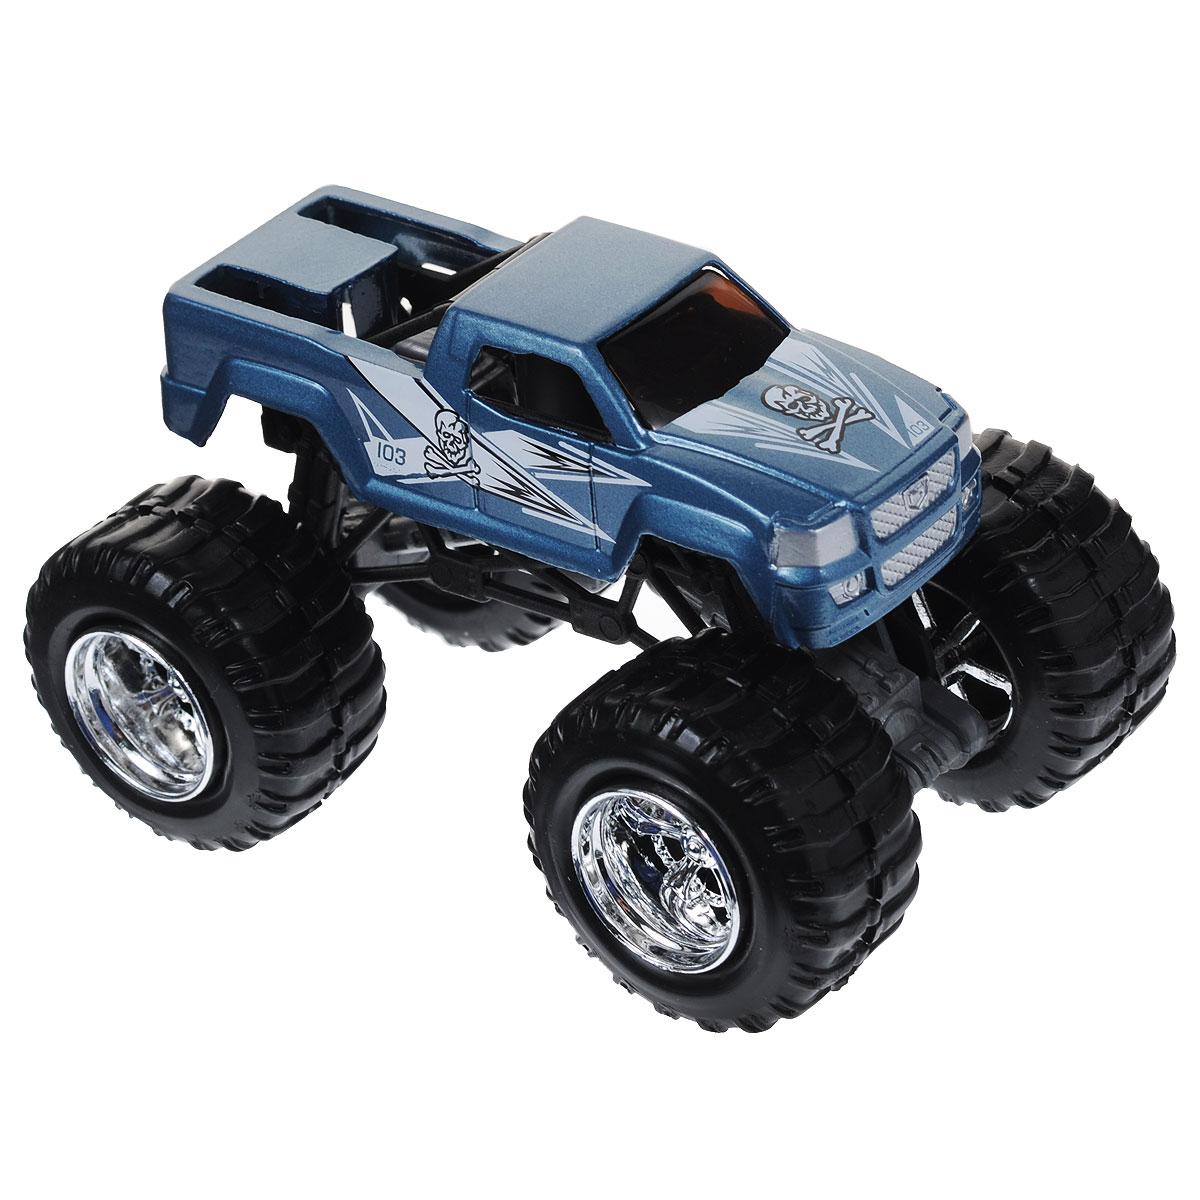 Купить Машинка MotorMax Багги , цвет: серо-синий, MOTORMAX TOY FACTORY, Машинки